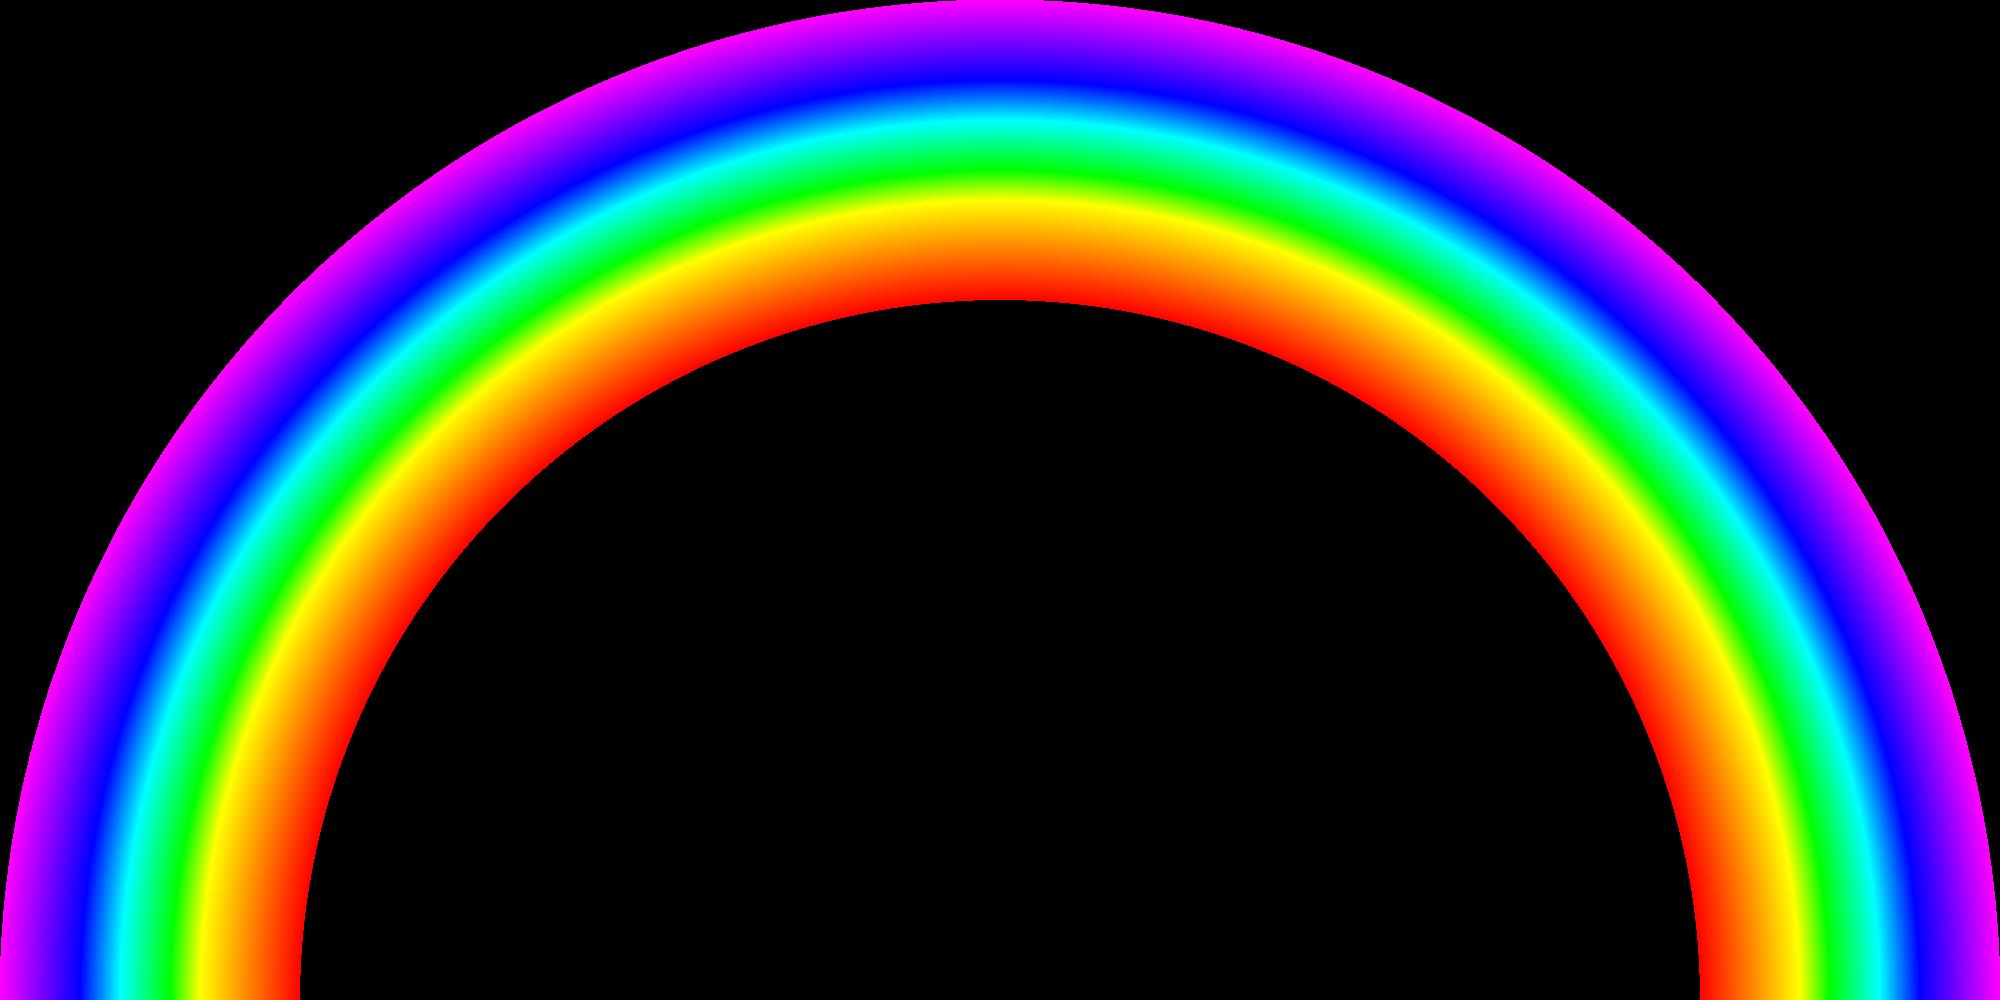 картинка радуги без фона днем здоровья тебя